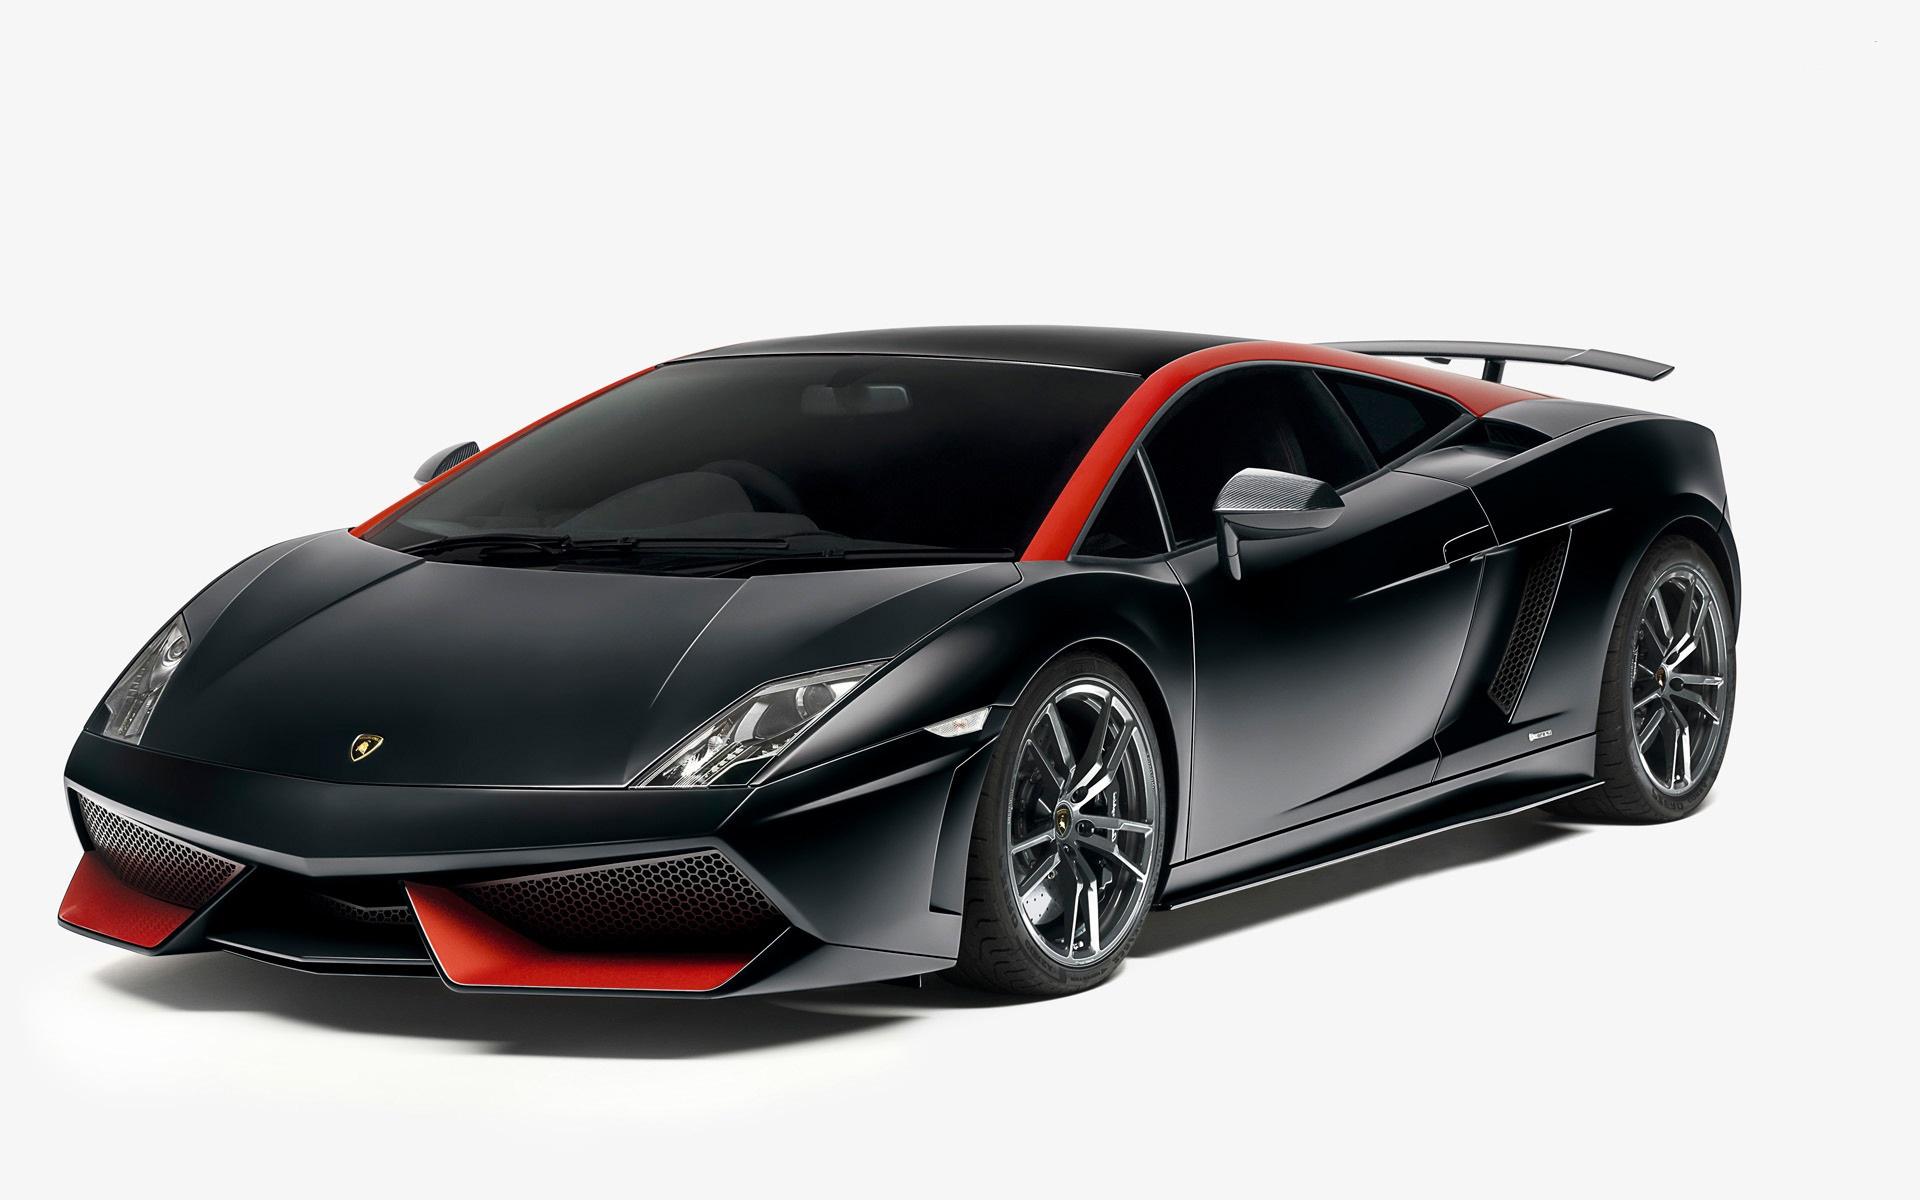 Lamborghini Veneno Cars HD Wallpapers